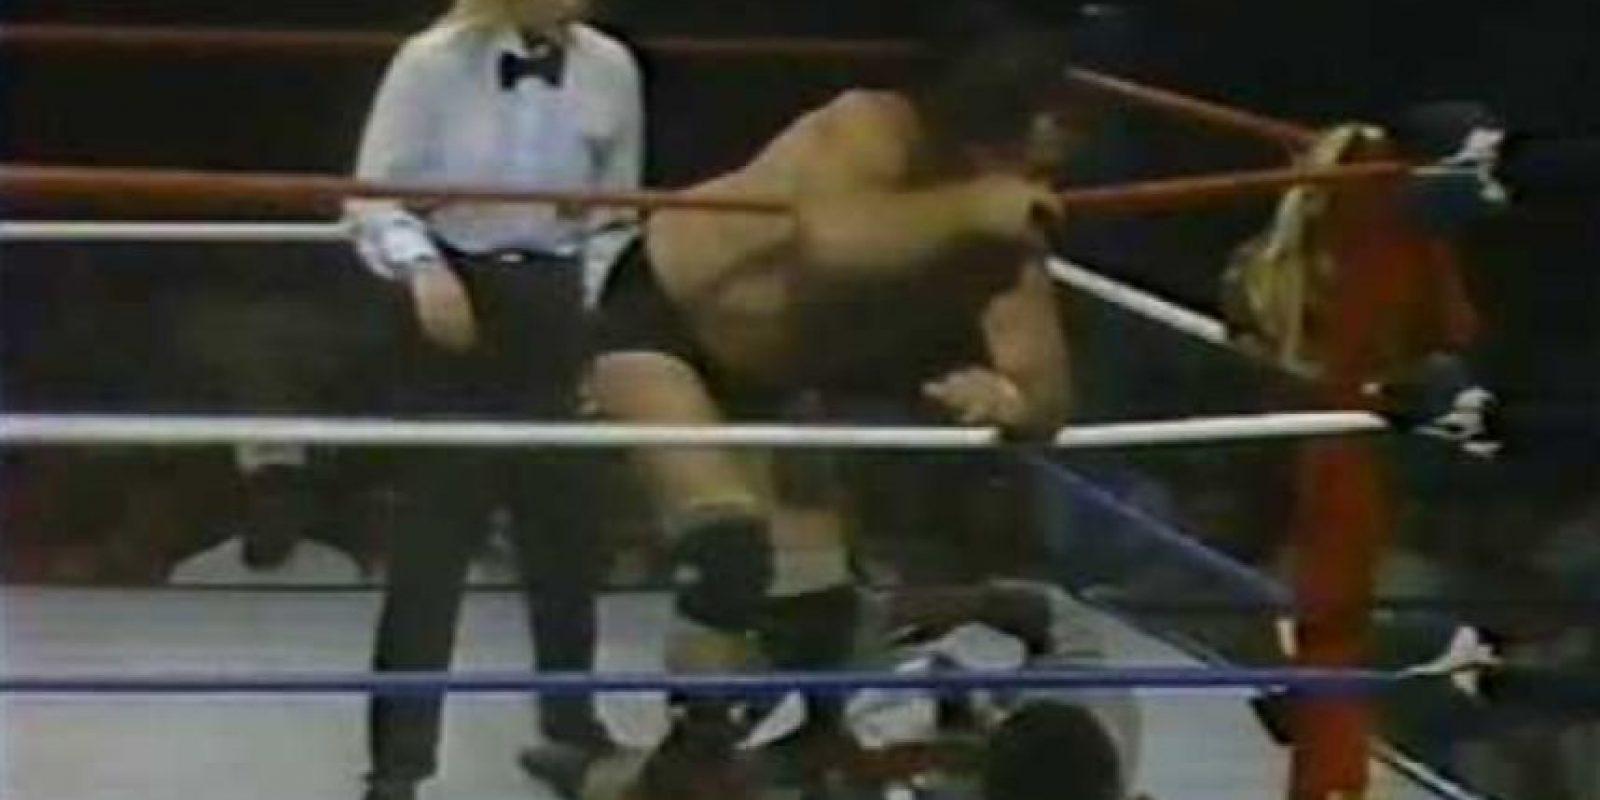 6. La referí Rita Marie acusó a Vince McMahon de hacerle una propuesta indecente en la parte trasera de su limosina, aunque el dueño de la empresa siempre negó las acusaciones Foto:Twitter